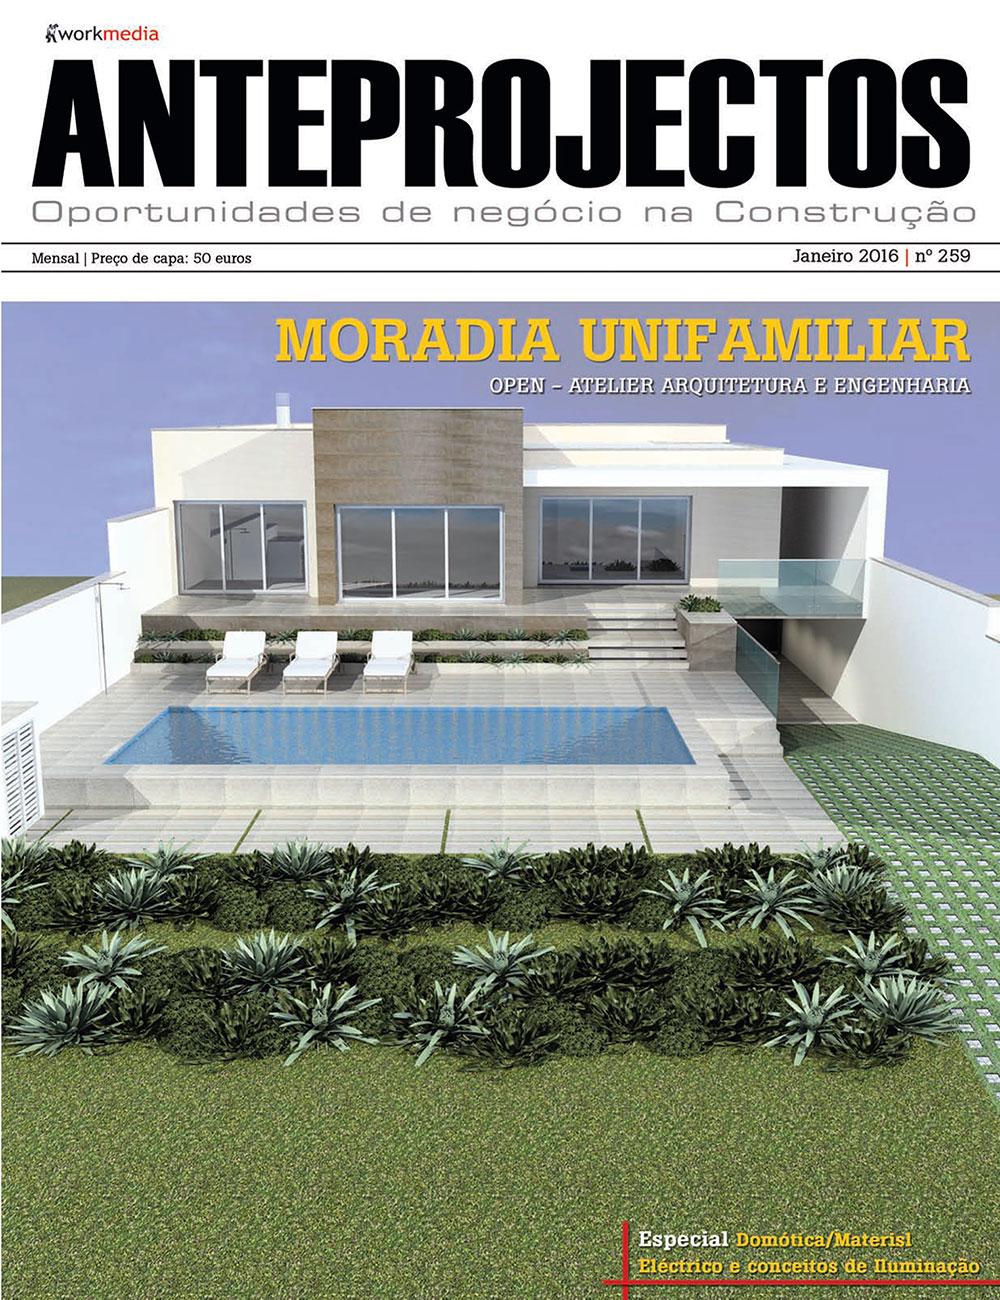 Revista Anteprojectos 259, Destaque